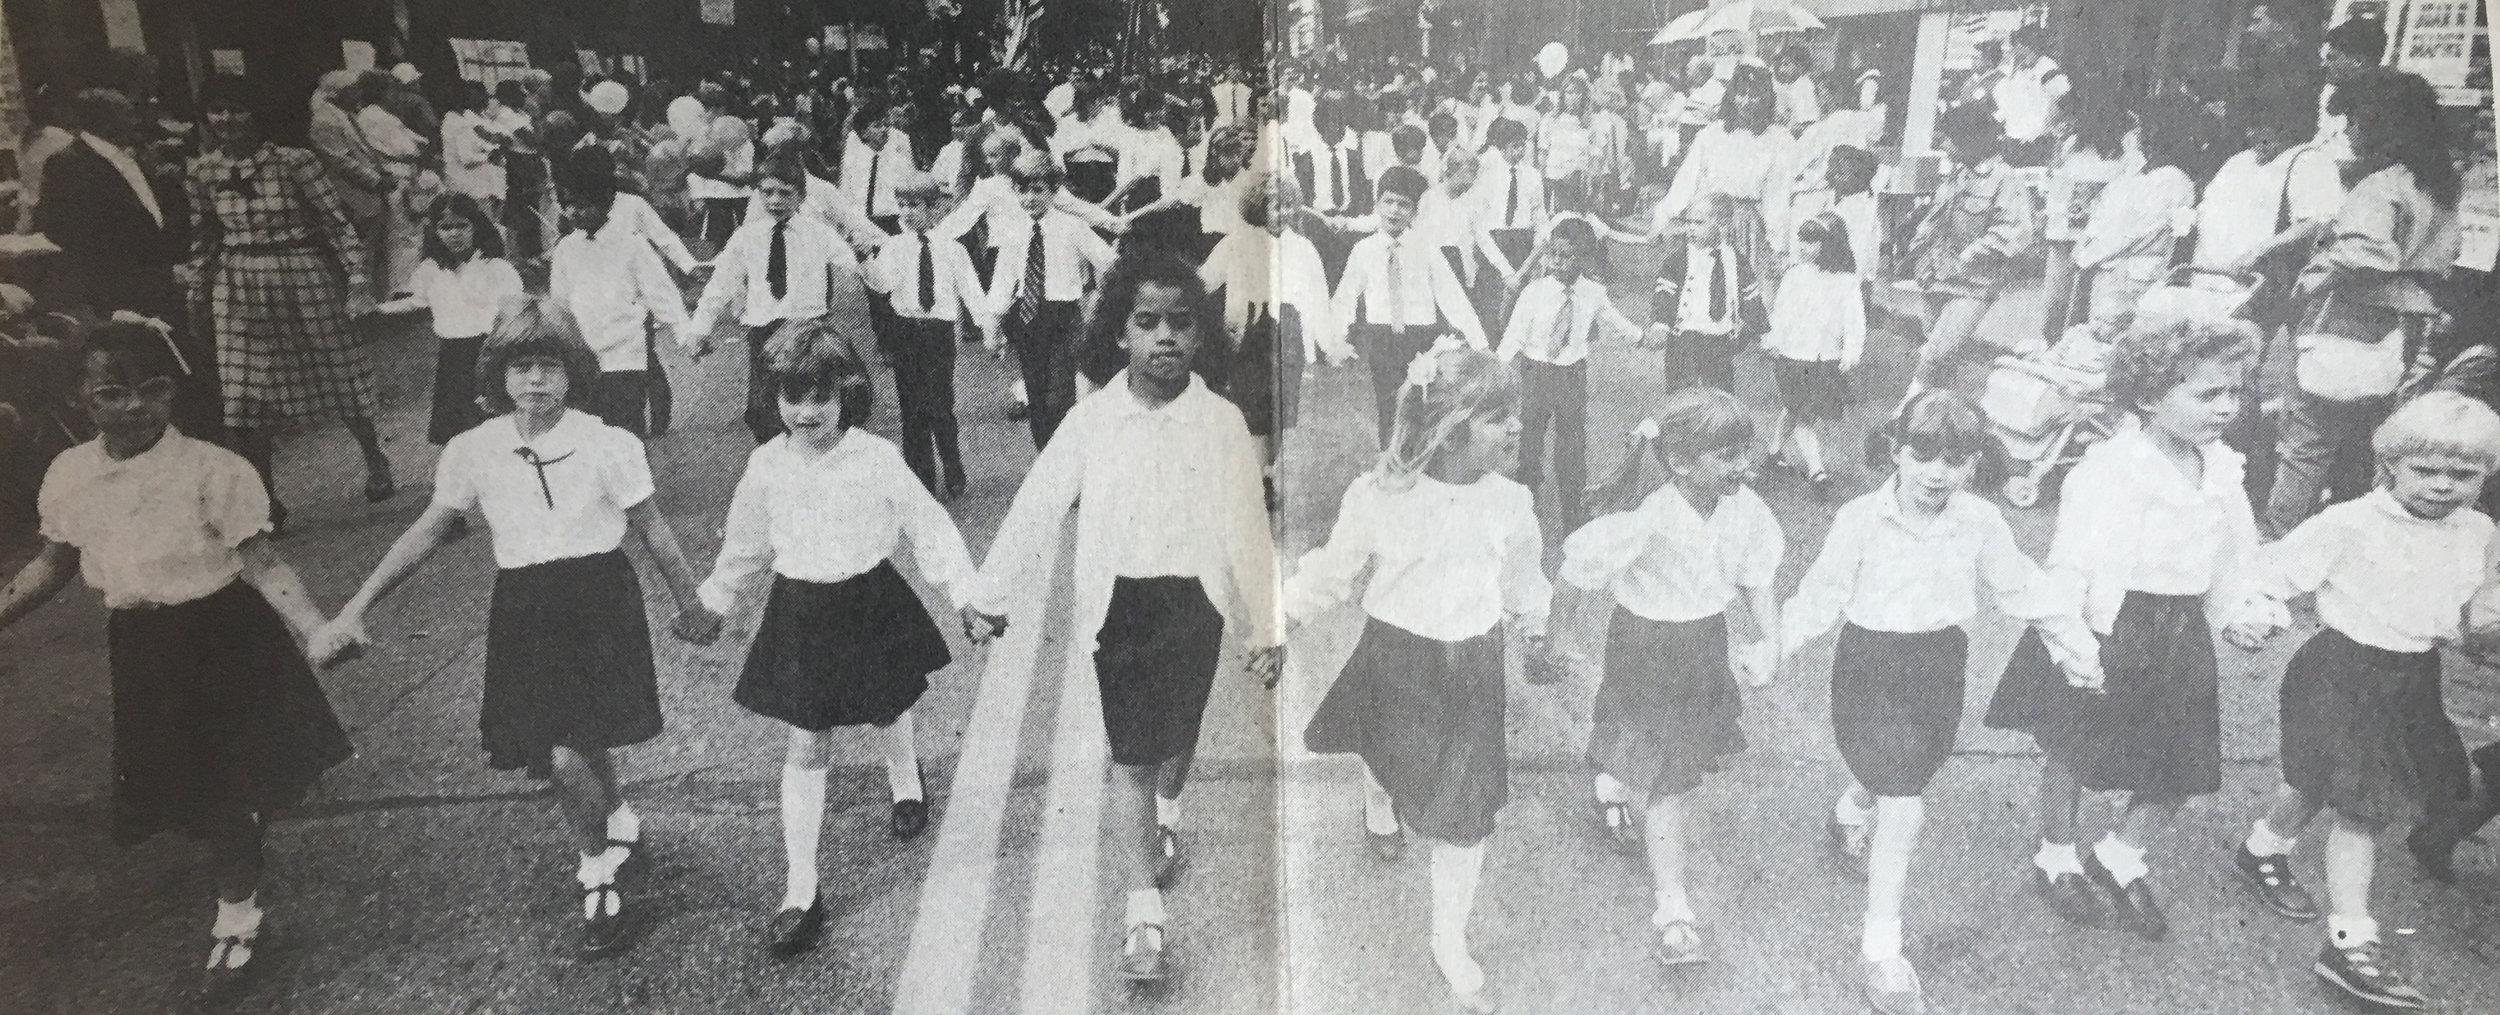 Spirit of Beacon Day 1988, courtesy Beacon Historical Society / Beacon Evening News